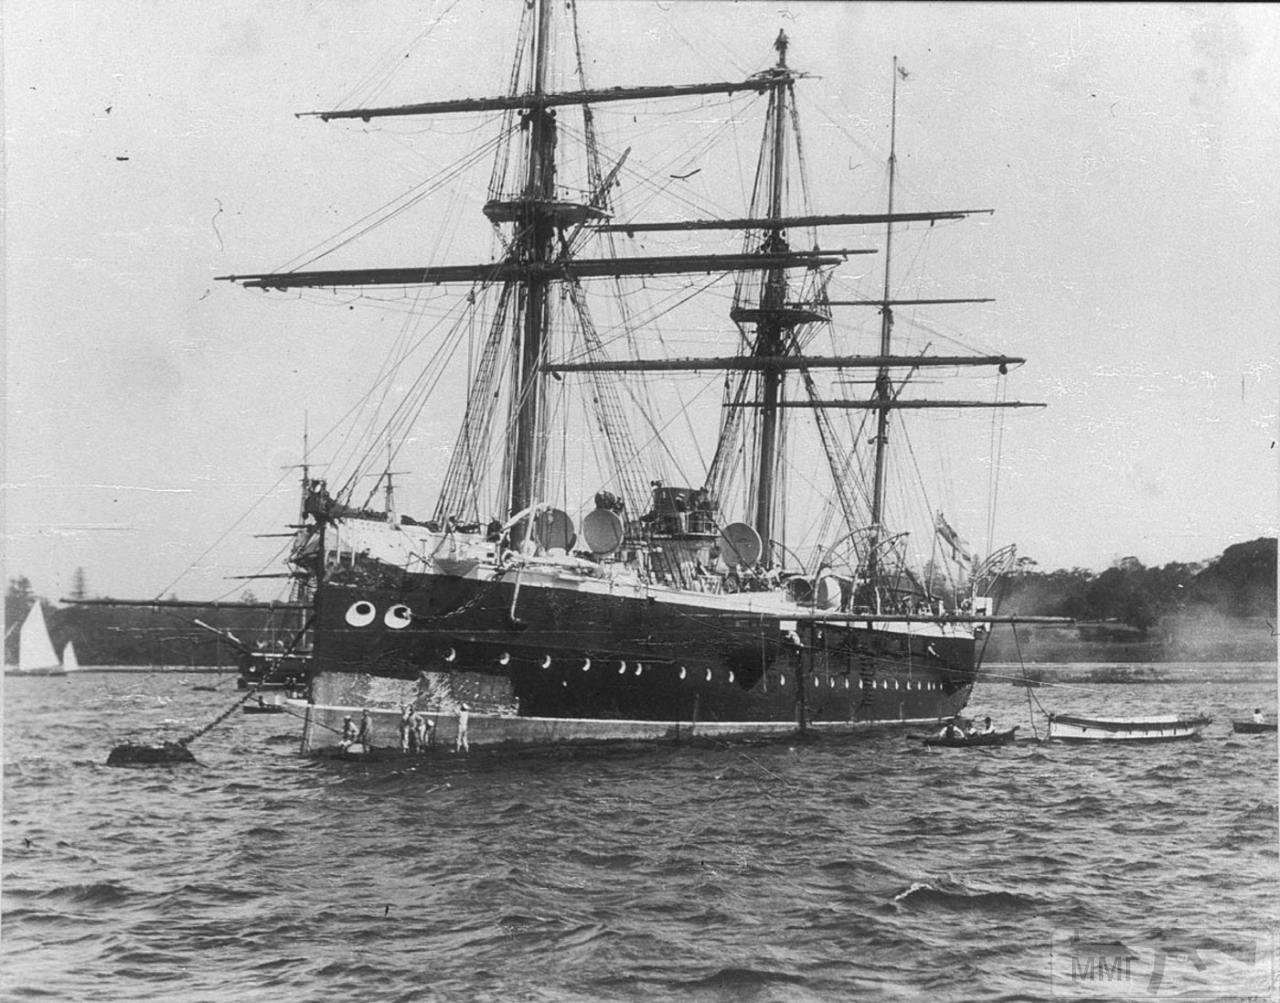 52558 - HMS Calliope